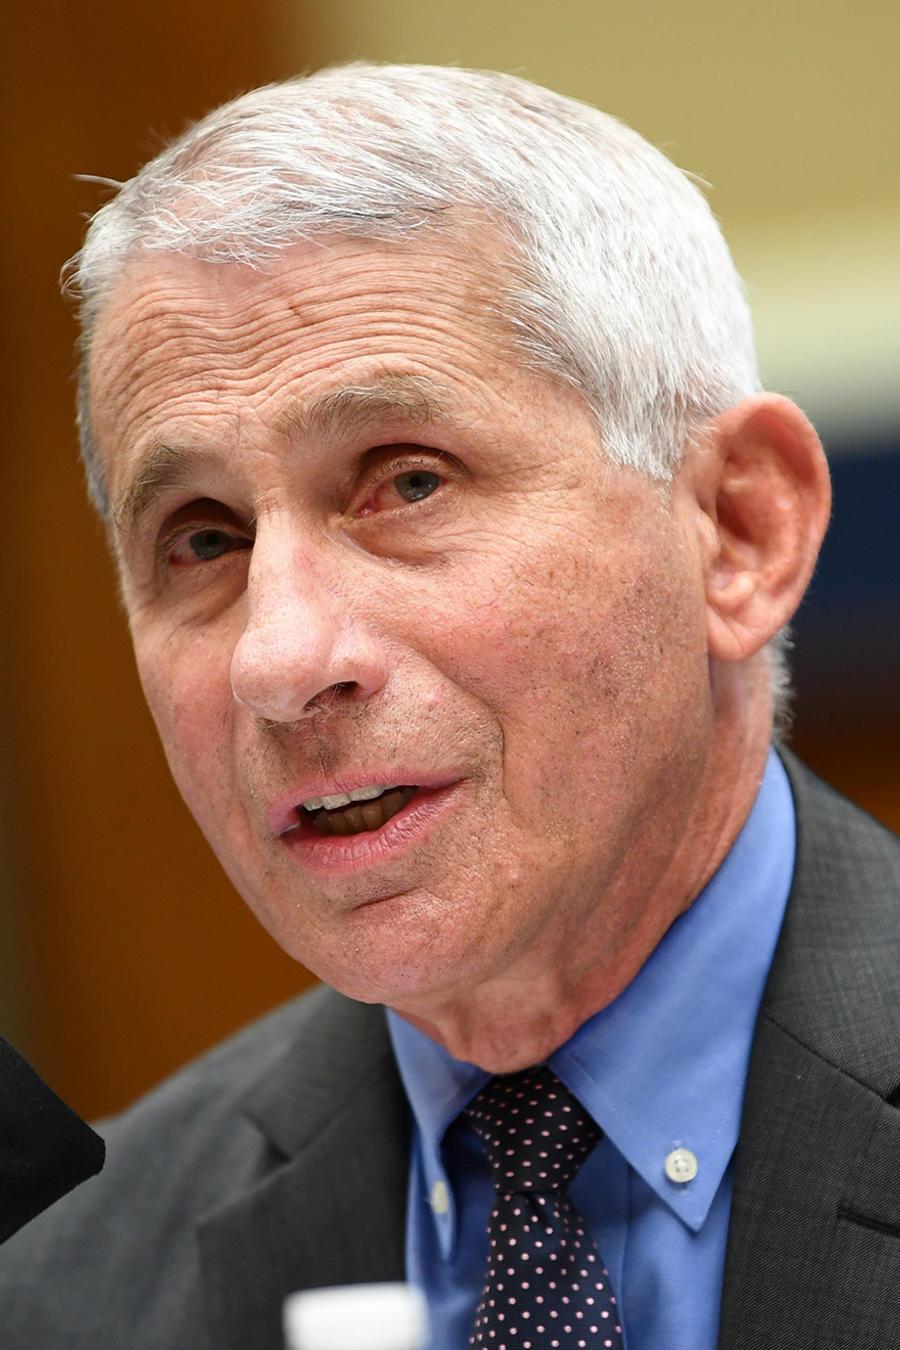 El doctor Anthony Fauci, testifica ante el Comité de Energía y Comercio de la Cámara de Representantes sobre la respuesta de la administración Trump a la pandemia de COVID-19, en Capitol Hill en Washington, D.C., EE.UU.